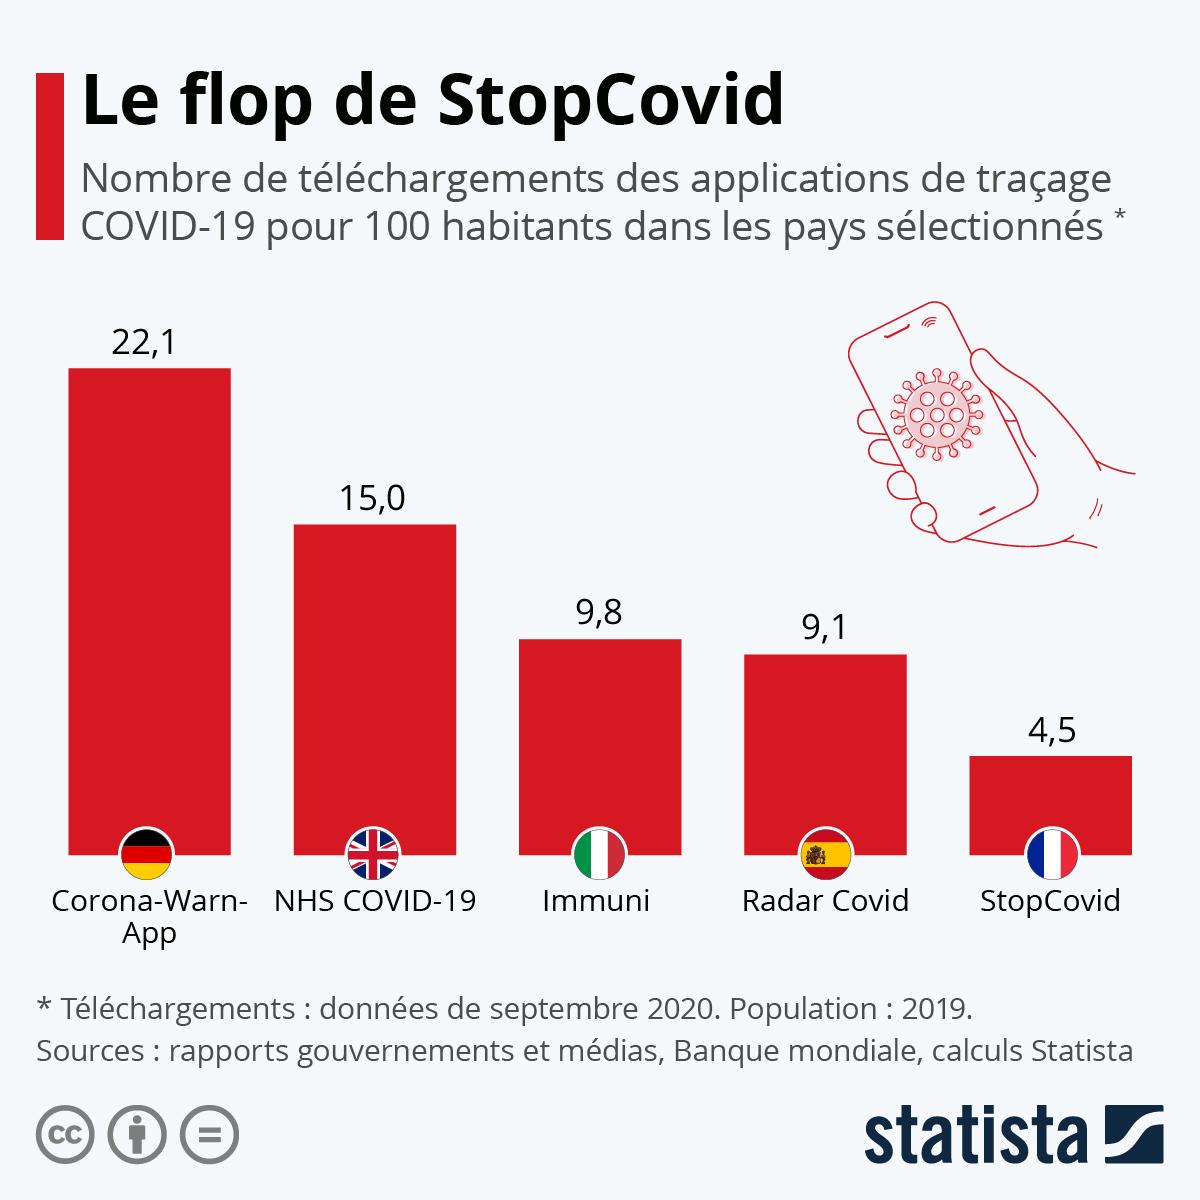 Infographie: Applications de traçage : où ont-elles été le plus téléchargées ? | Statista